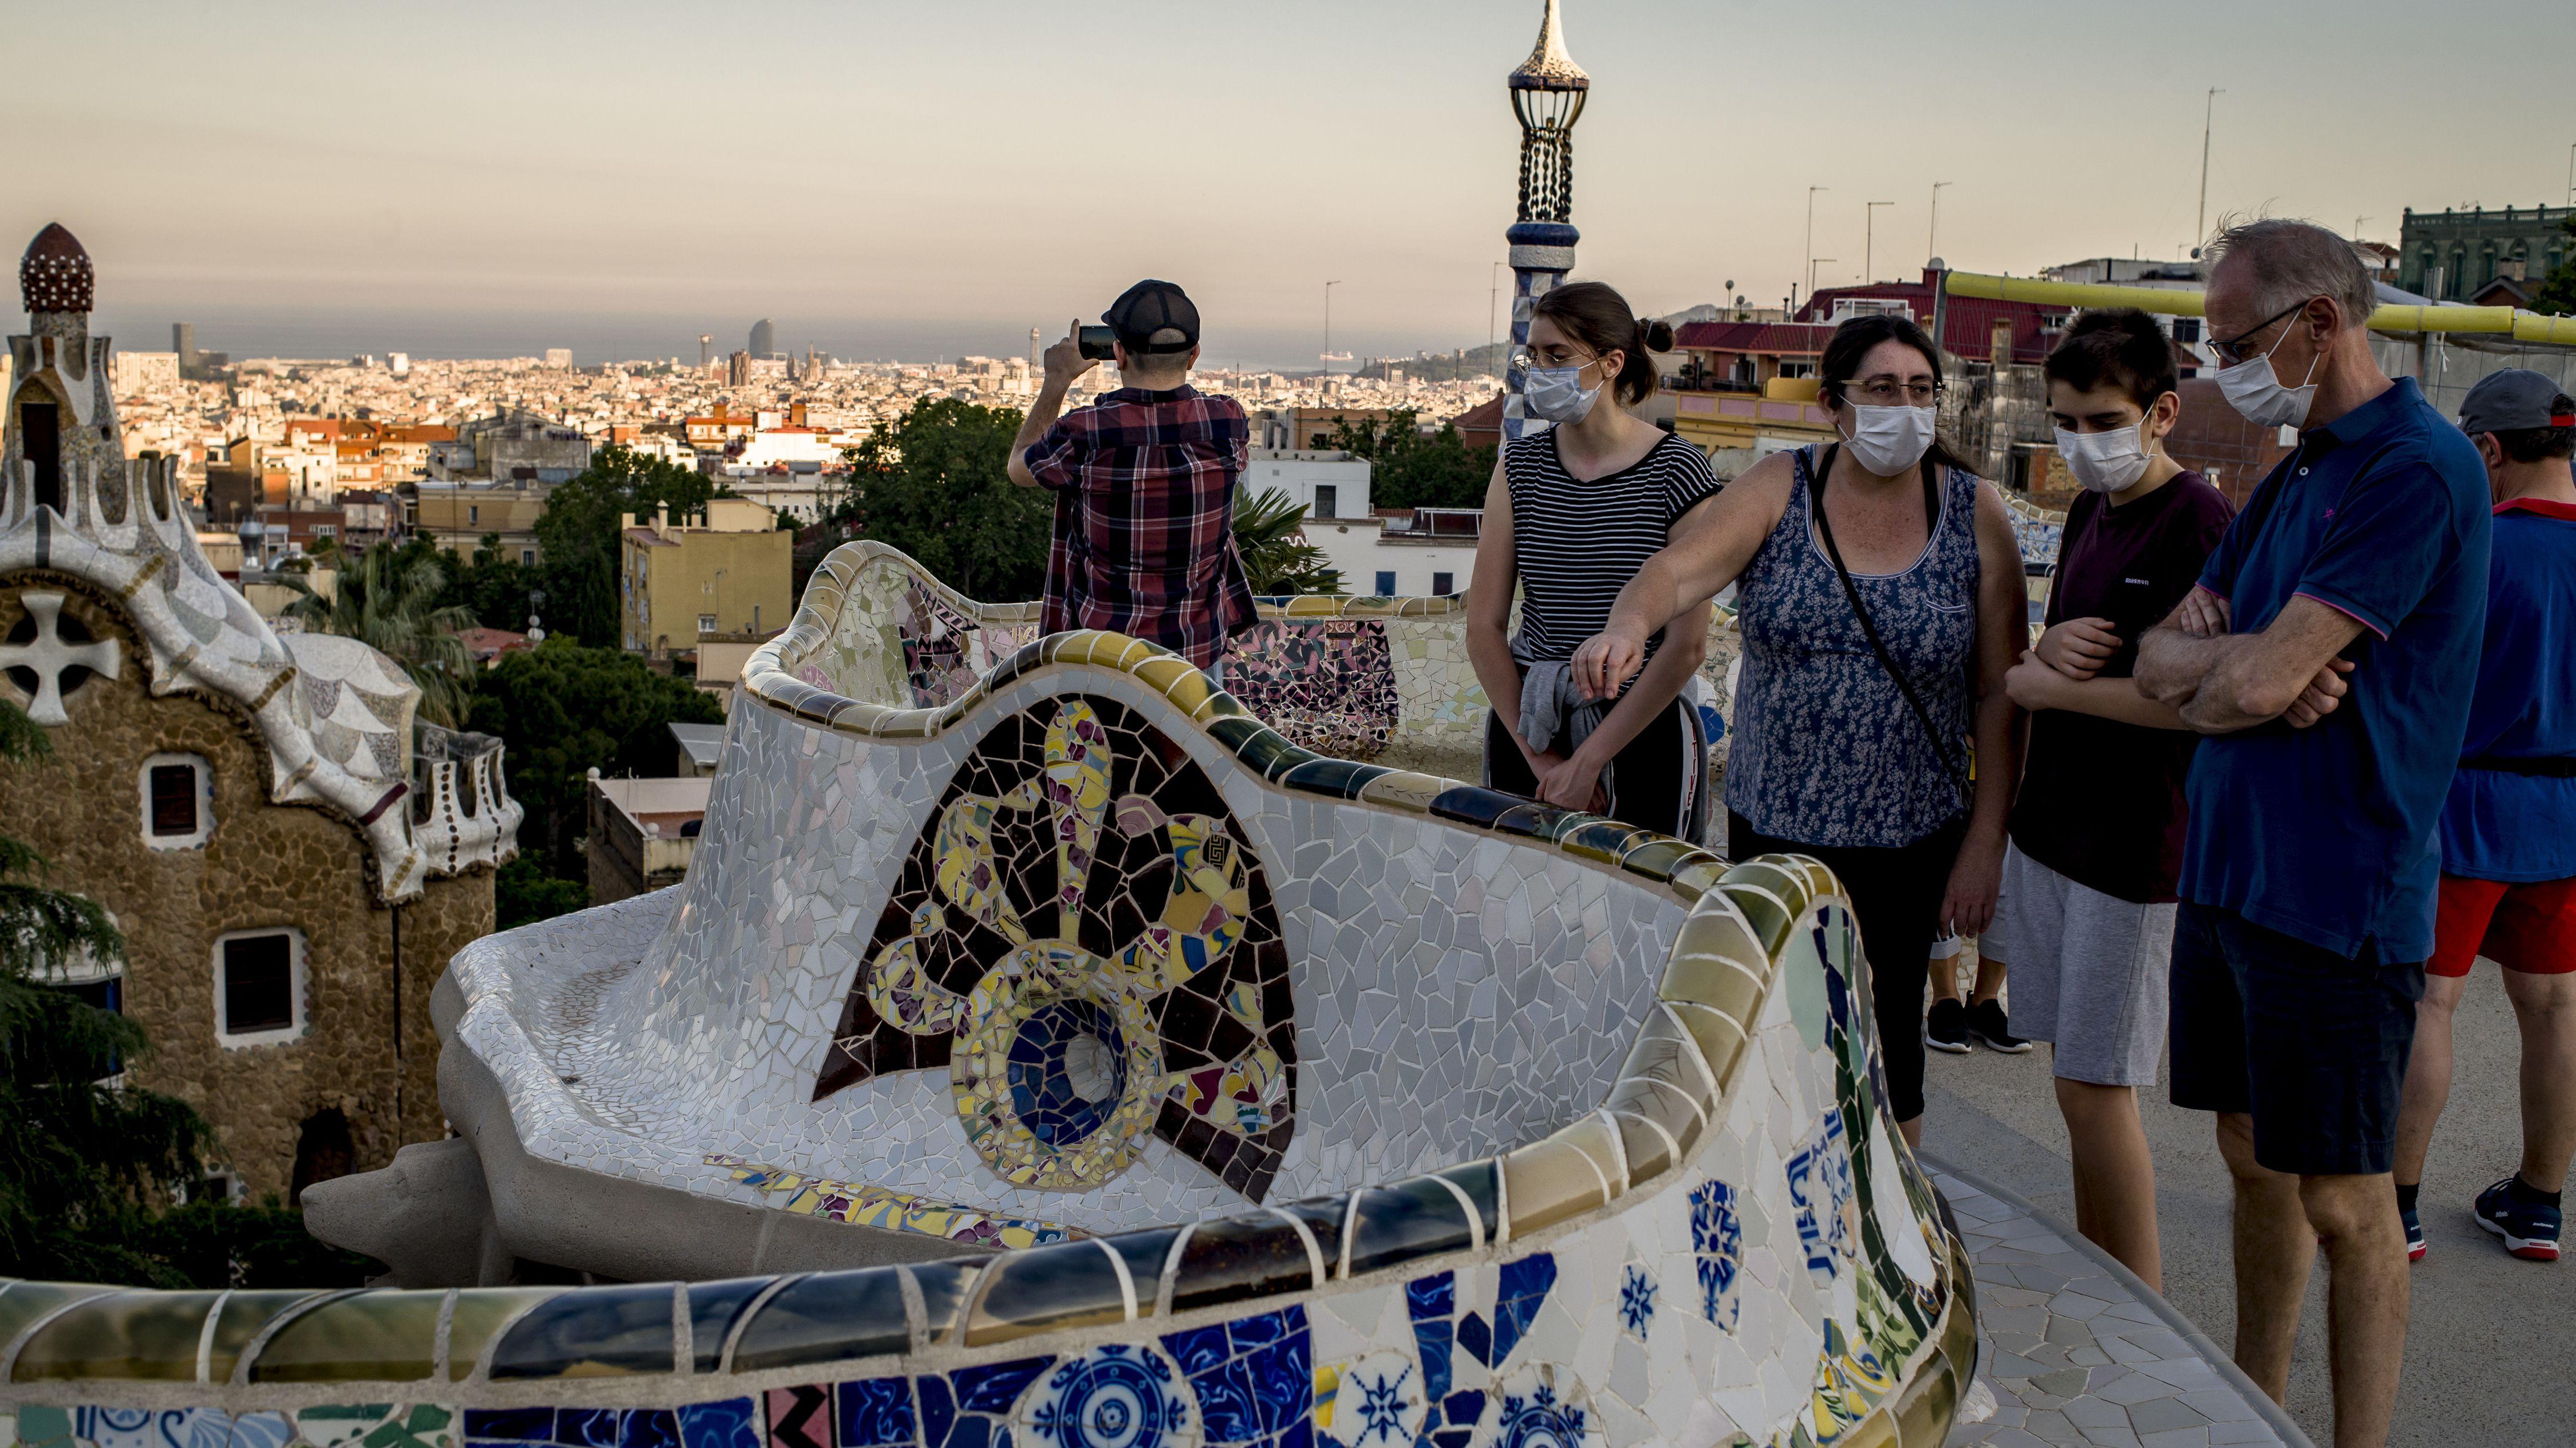 Menschen mit Schutzmasken in Barcelona